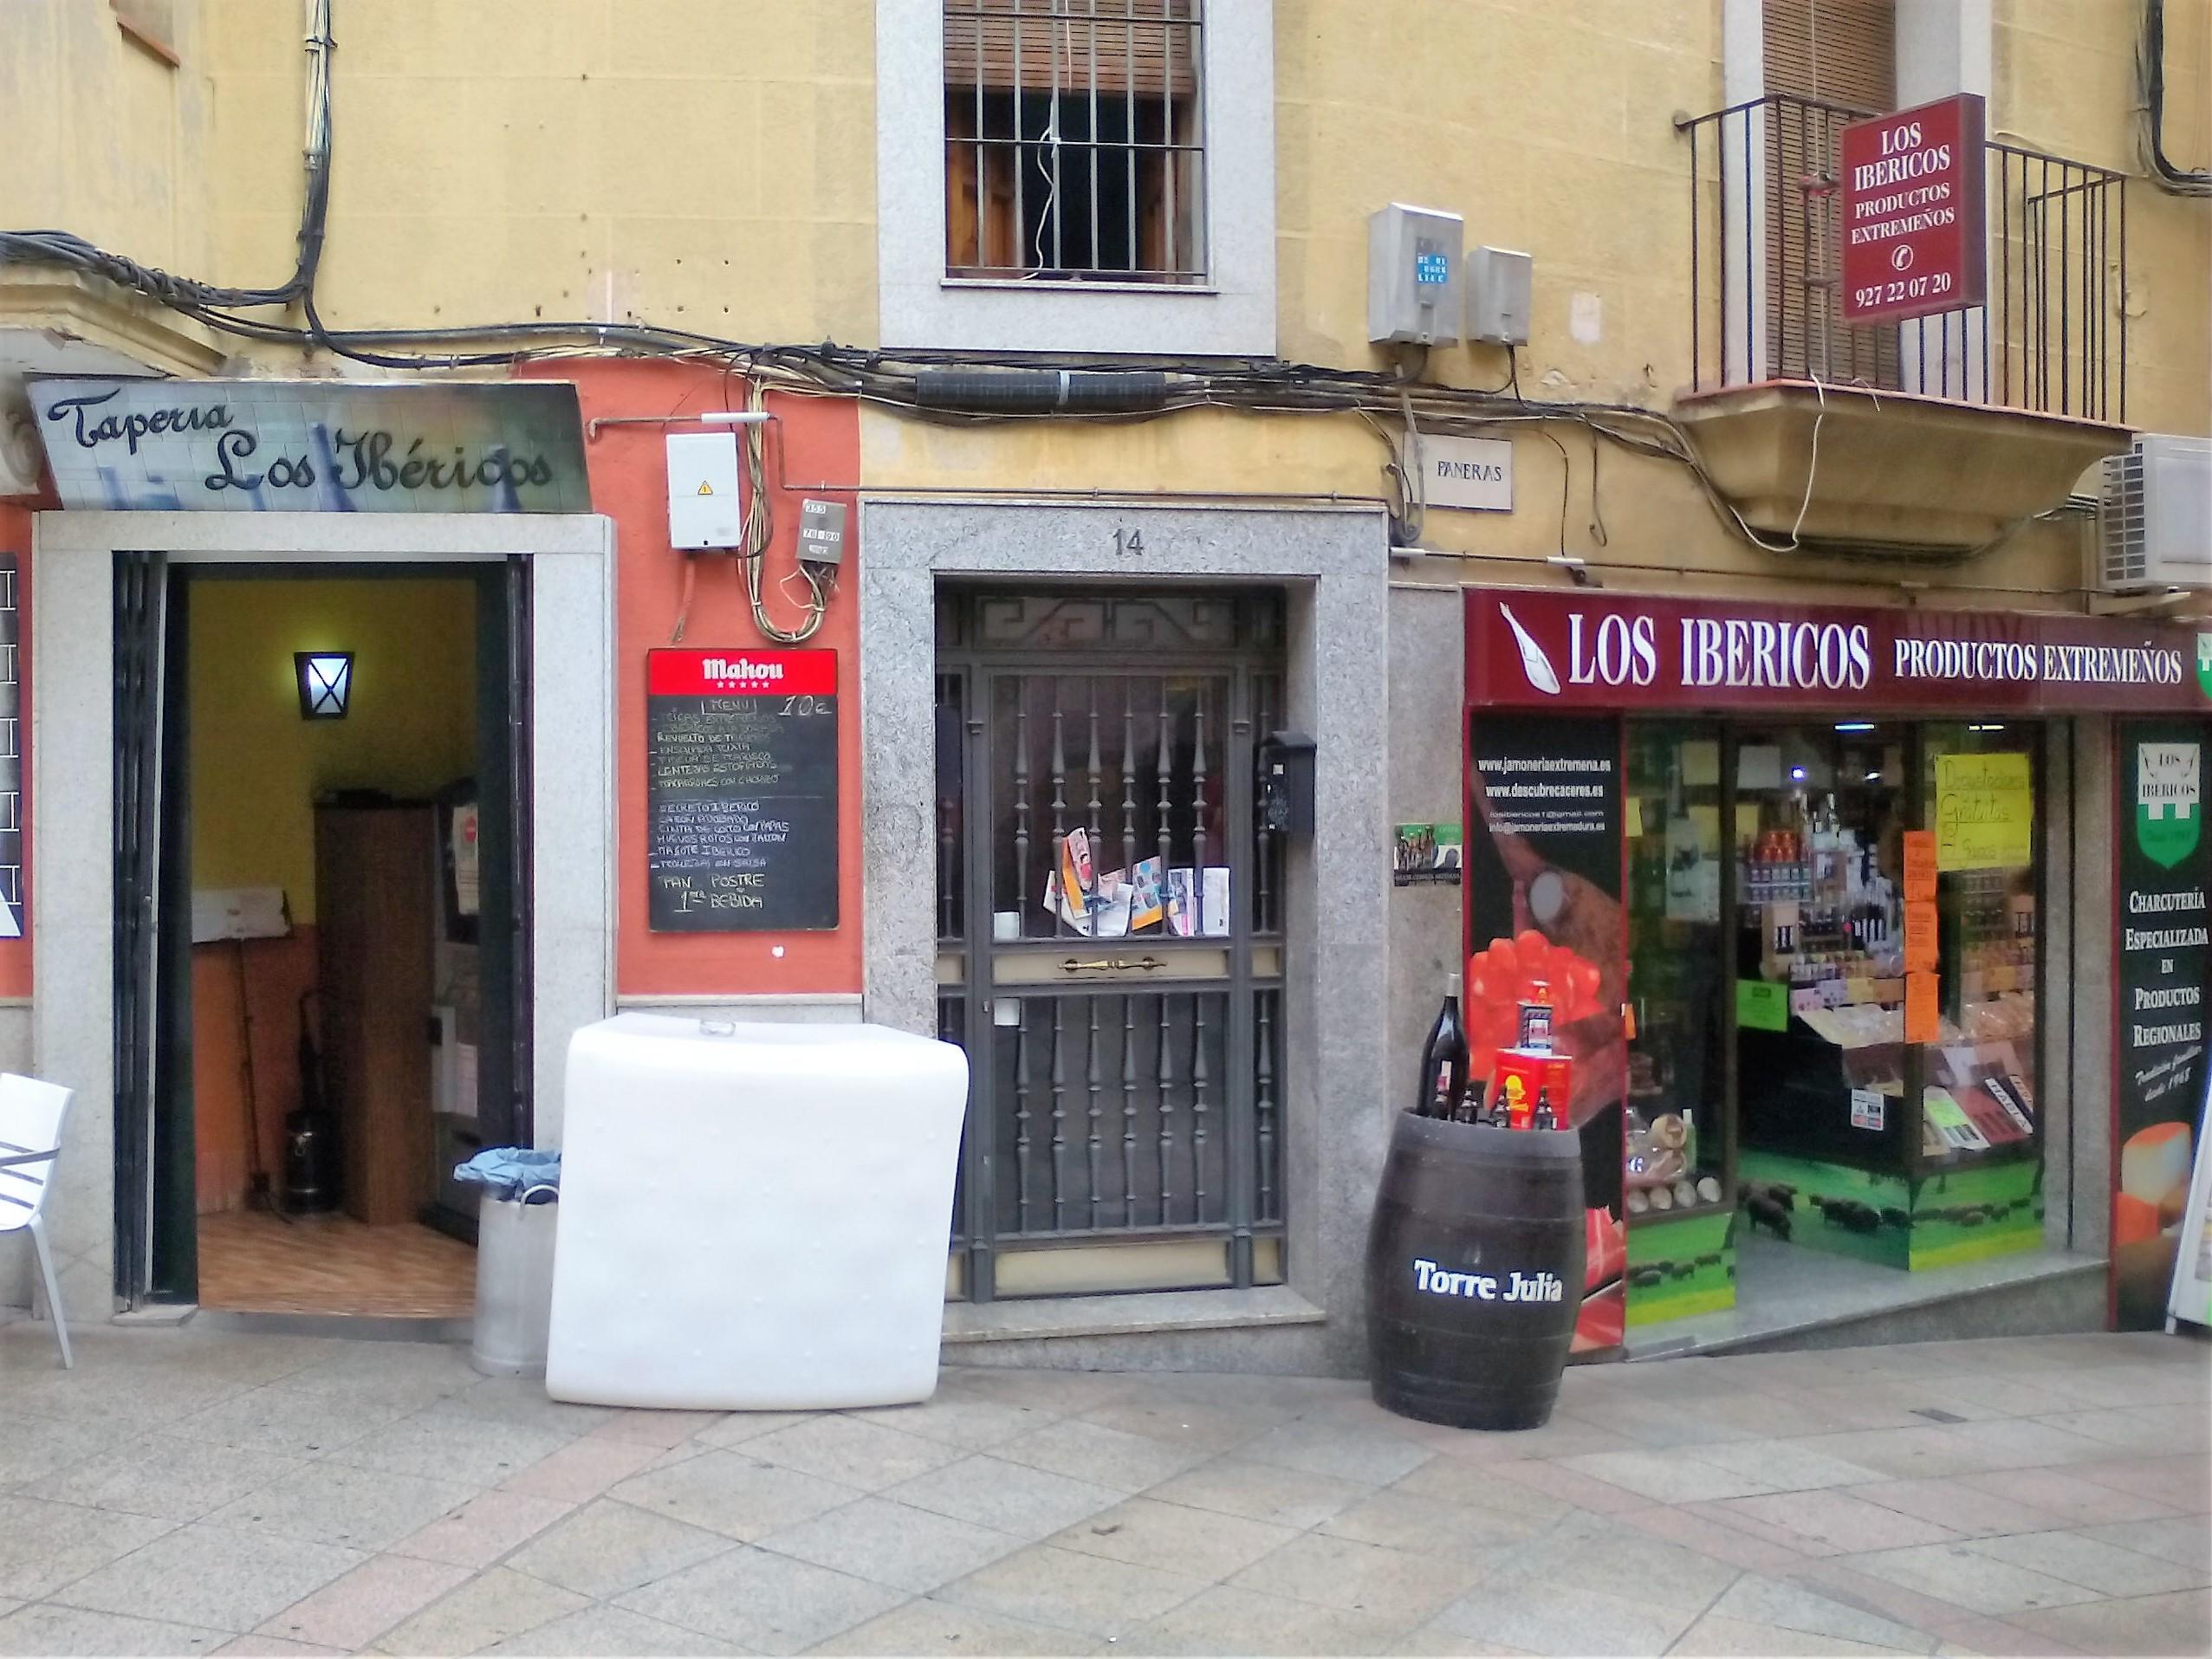 españa taperia restaurante en caceres los ibericos